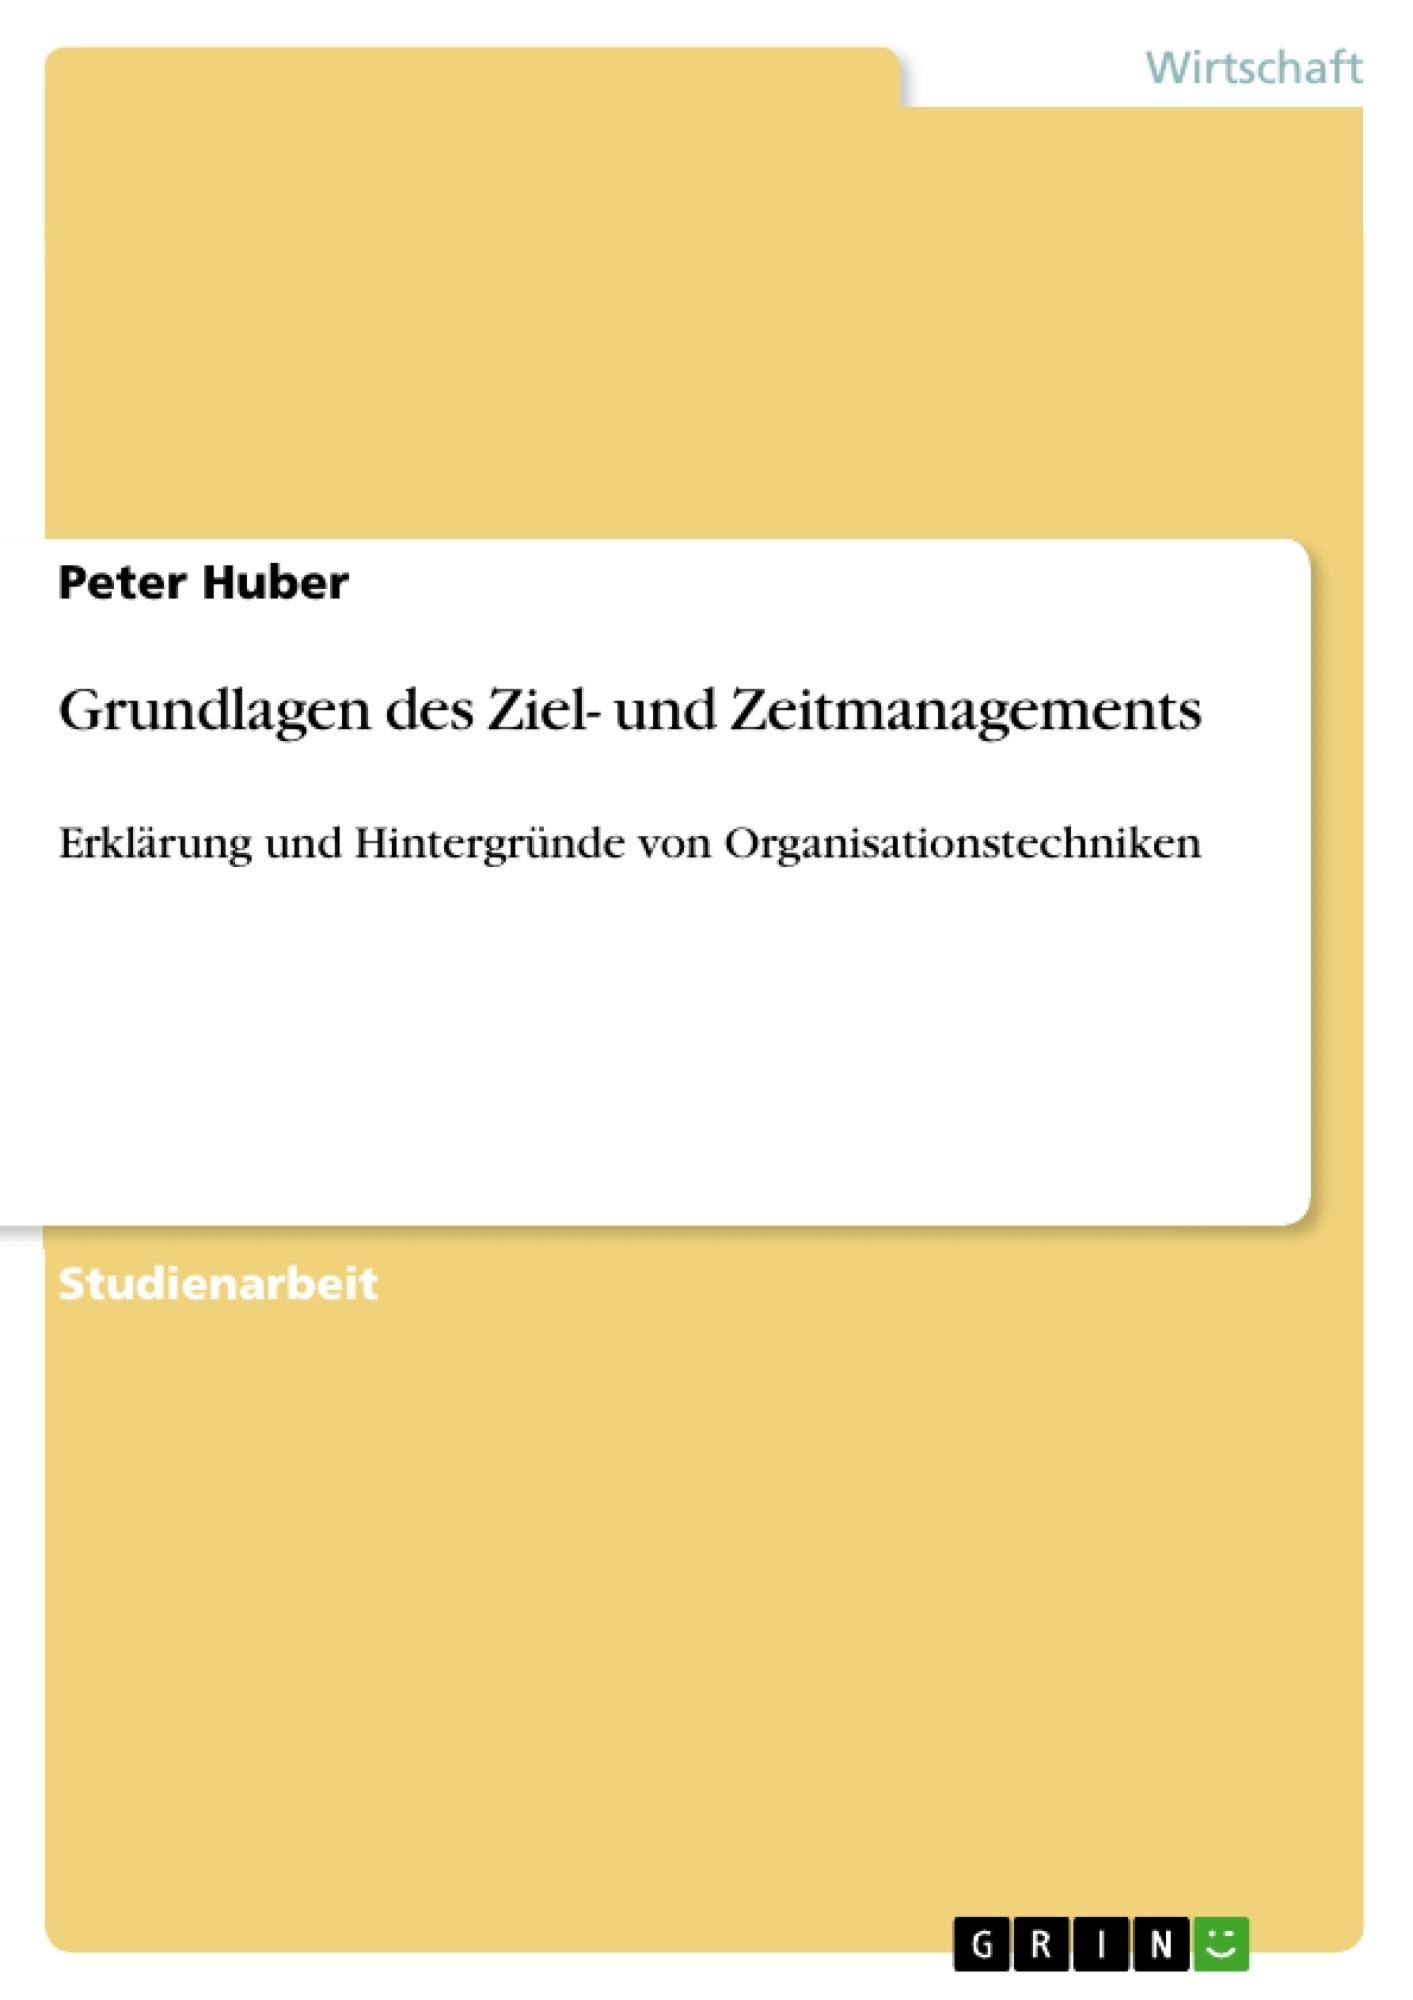 Titel: Grundlagen des Ziel- und Zeitmanagements